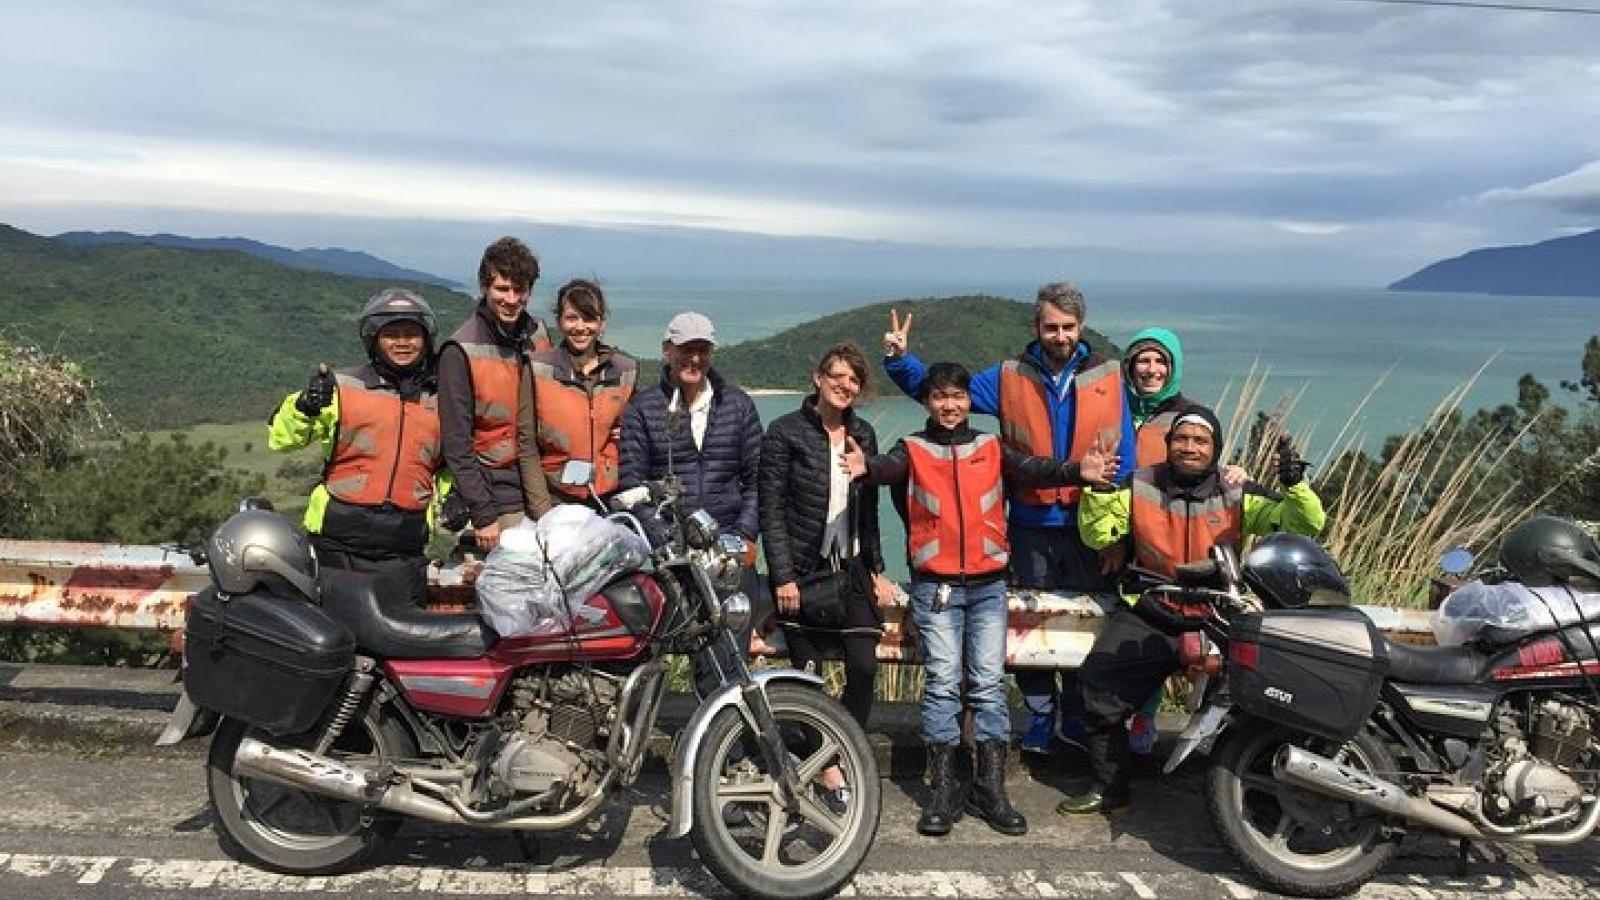 2 tour du lịch Việt Nam vào top 25 trải nghiệm hàng đầu thế giới